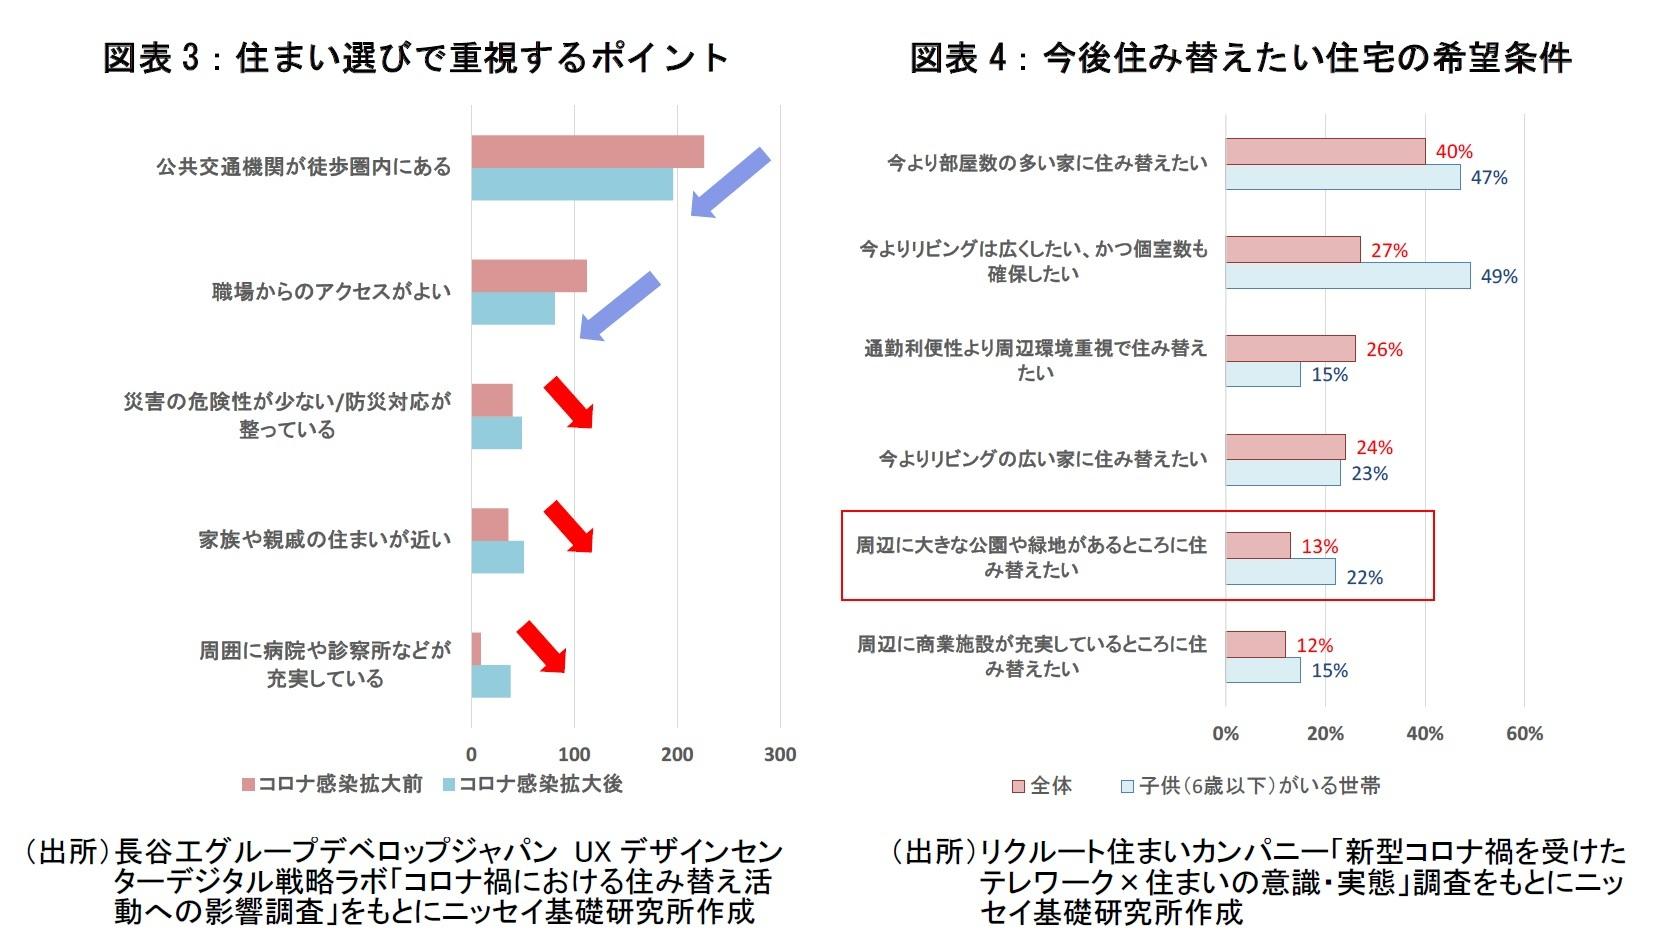 図表3:住まい選びで重視するポイント  図表4:今後住み替えたい住宅の希望条件